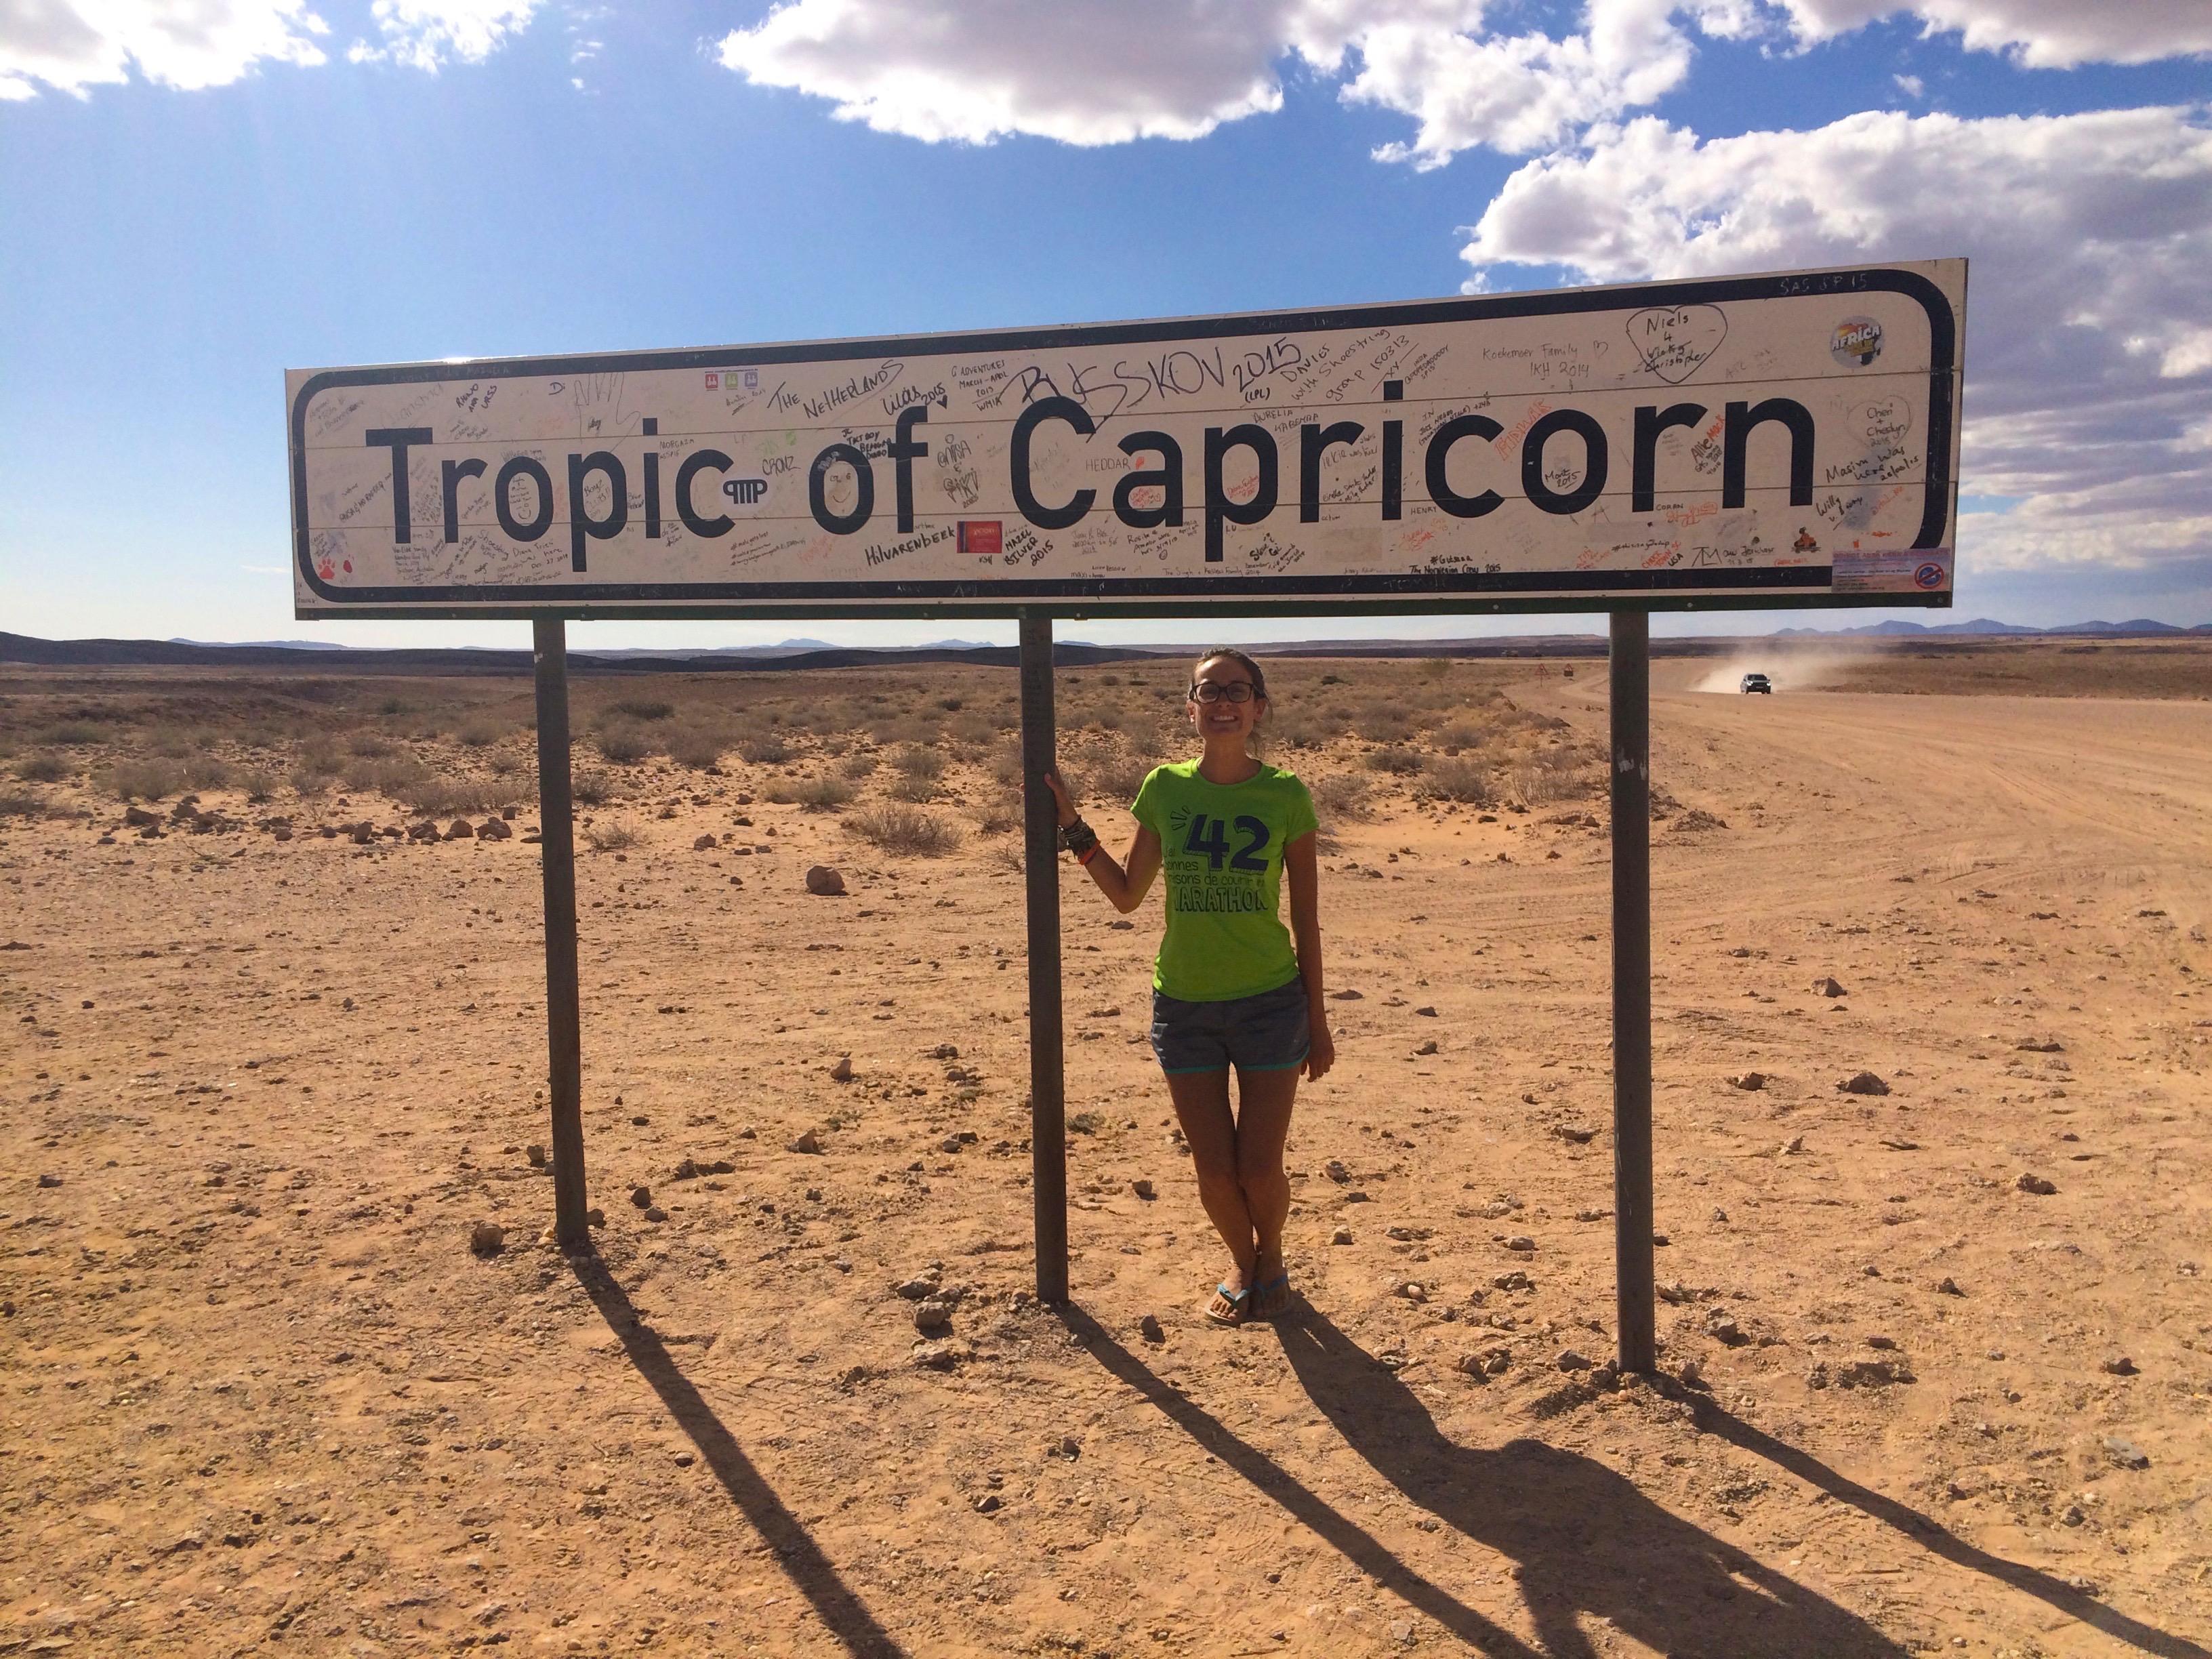 Croiser le tropique du Capricorne